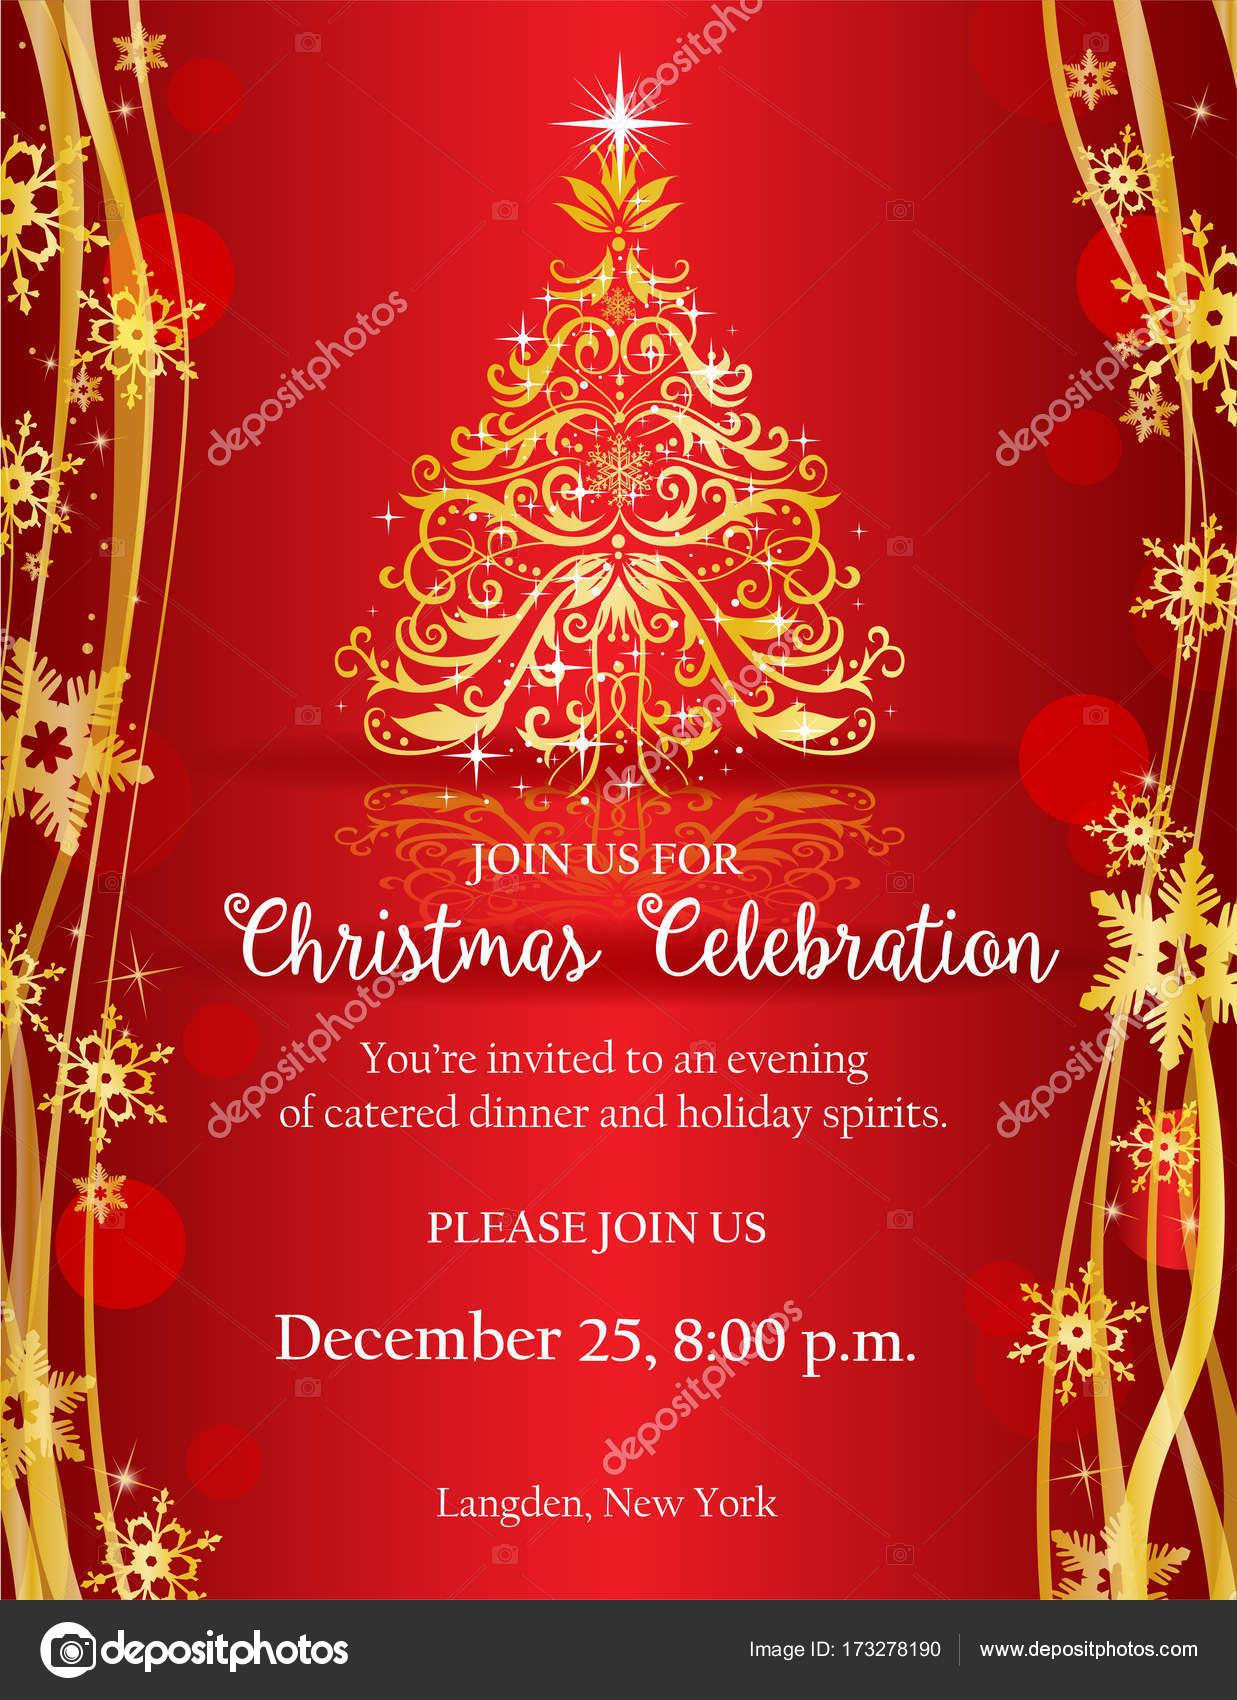 Foto Crear Tarjetas De Navidad Con Invitacion De La Fiesta De - Crear-tarjetas-de-navidad